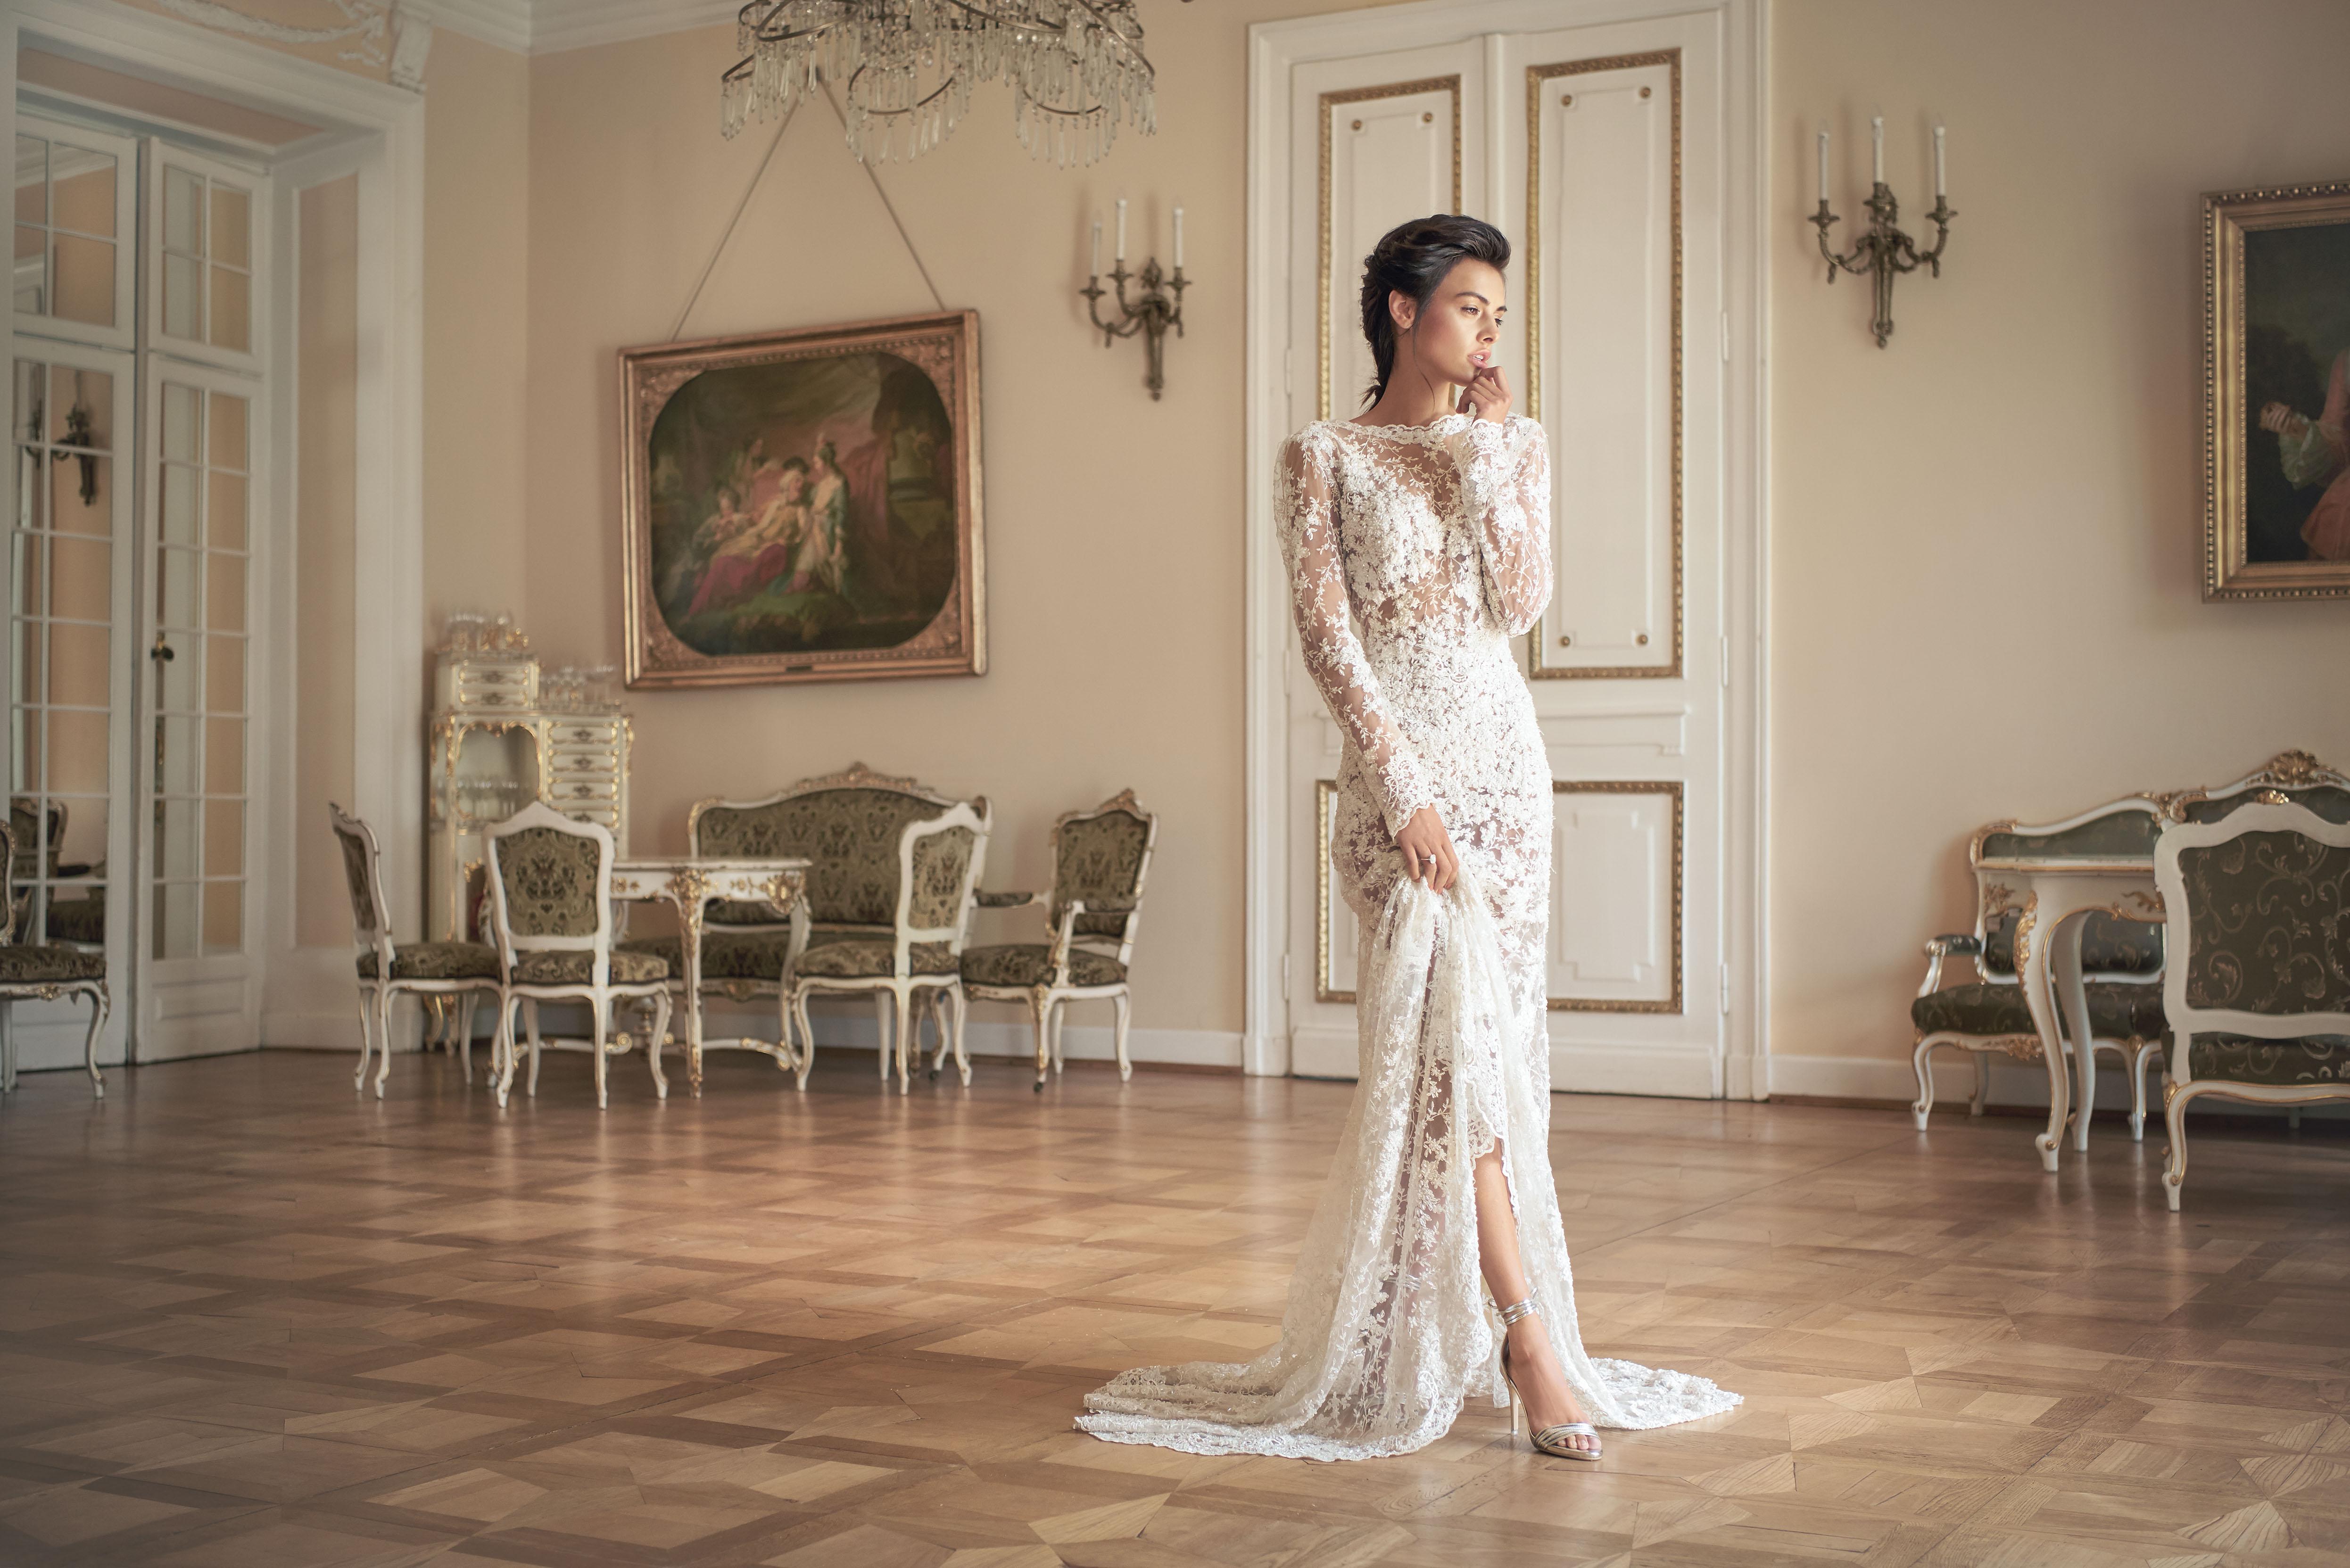 fb85aa4213096 Buty na ślub nie muszą być białe! - Wedding.pl x Renee